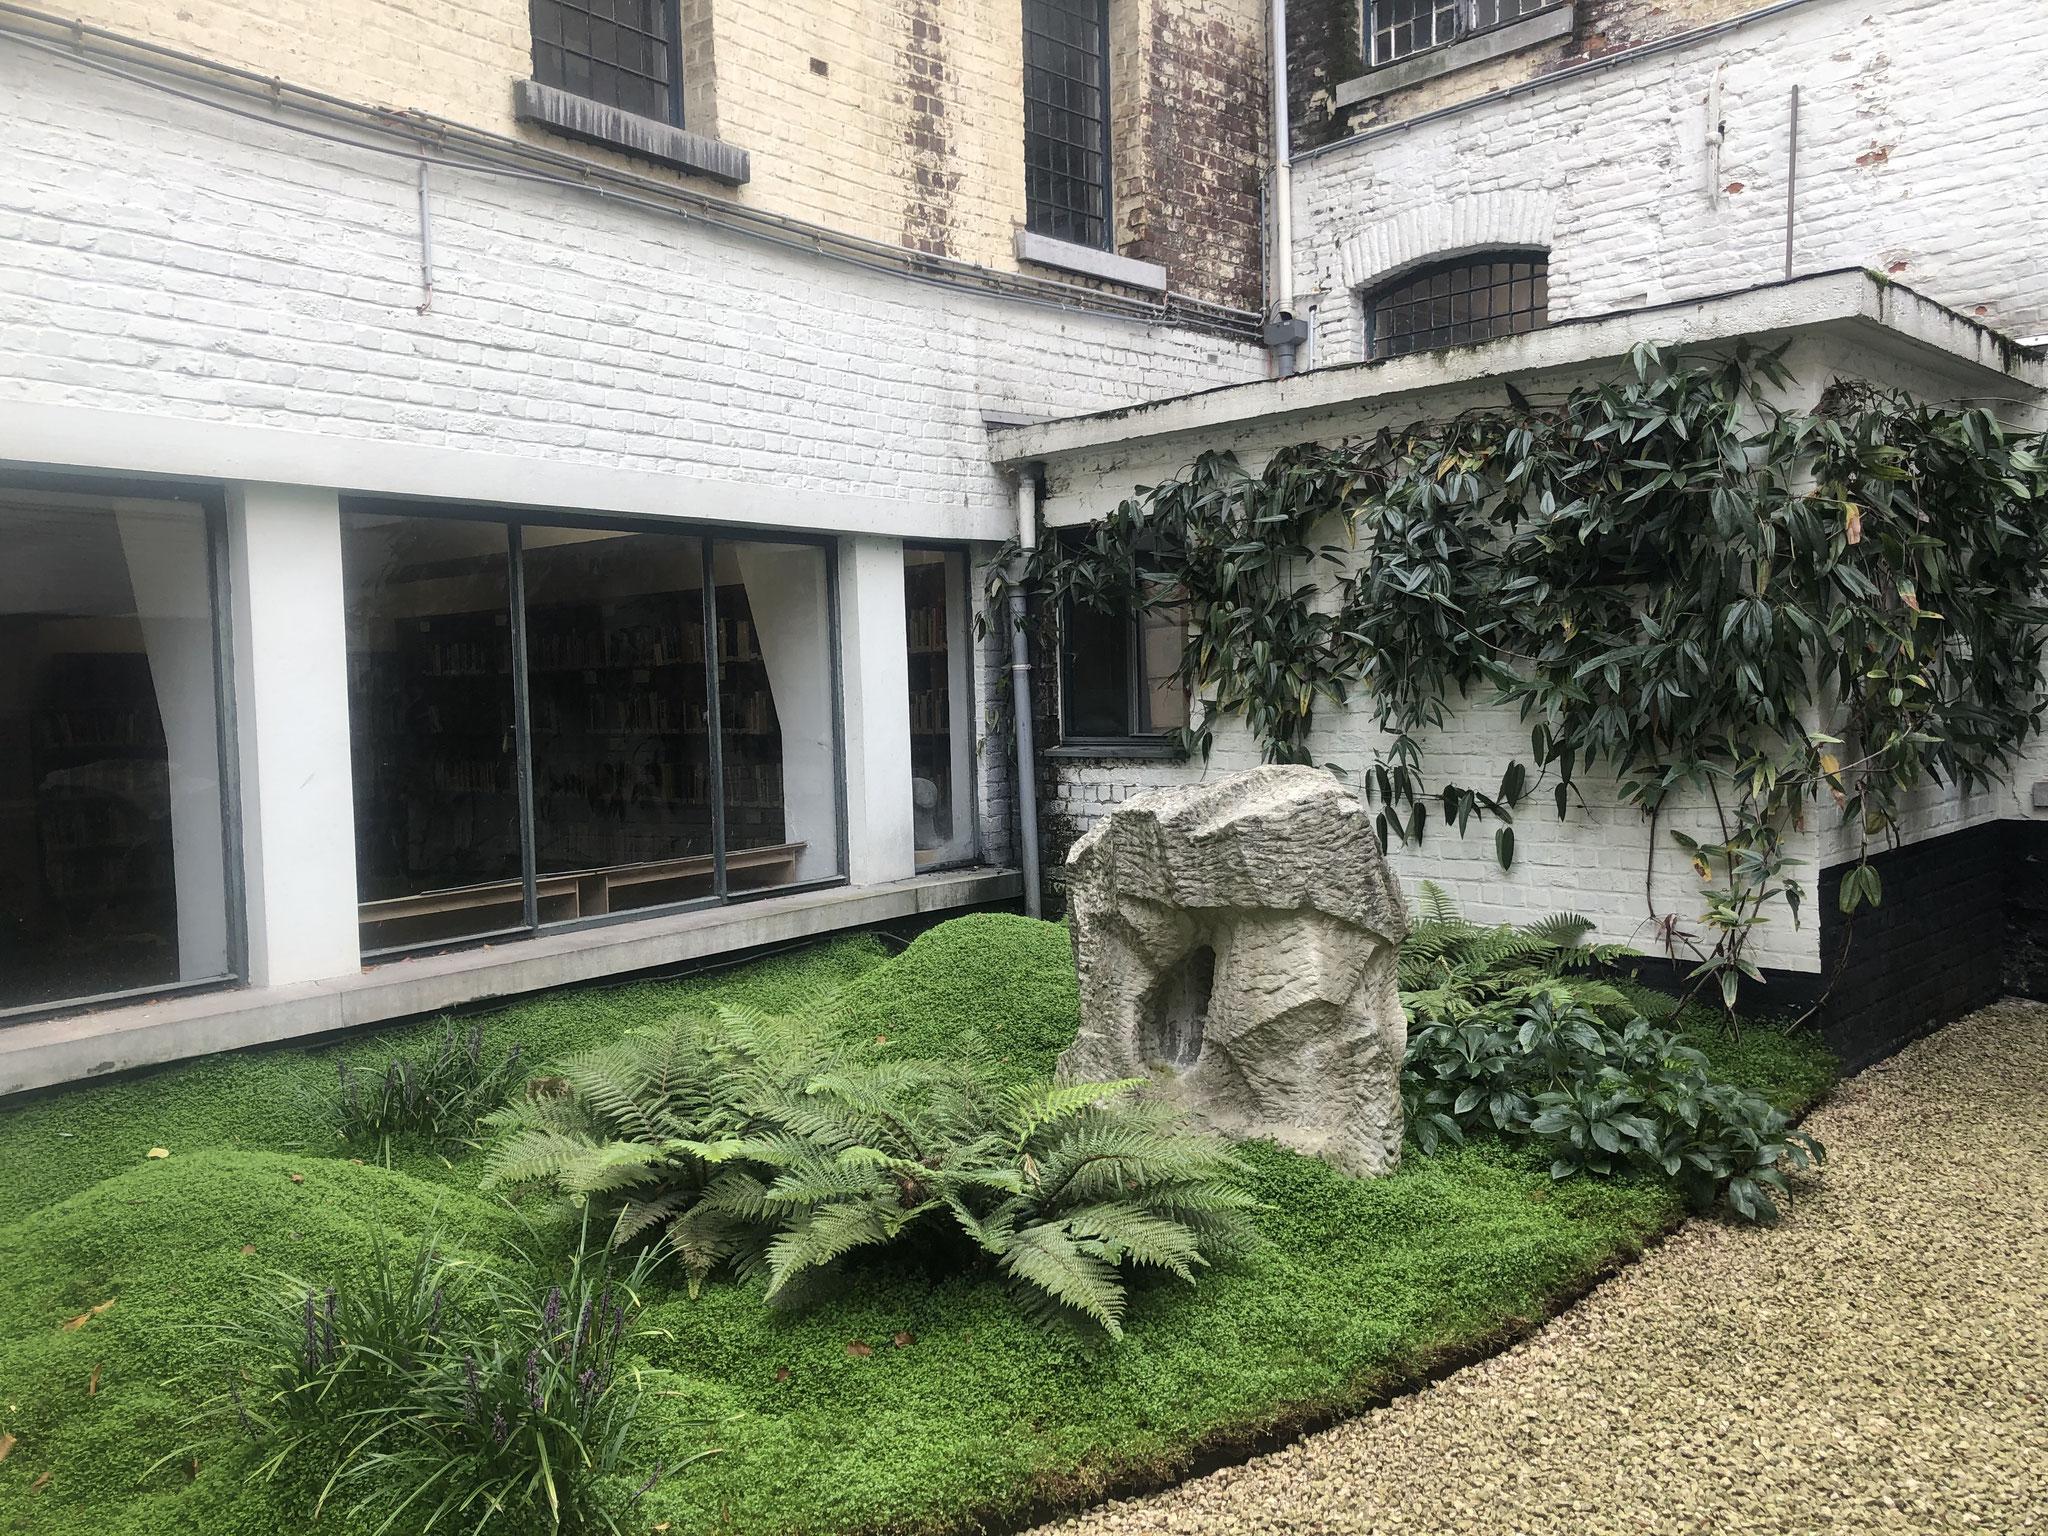 Cour de 60m2 - Style japonais - Année 2. Amenagement jardin Bruxelles